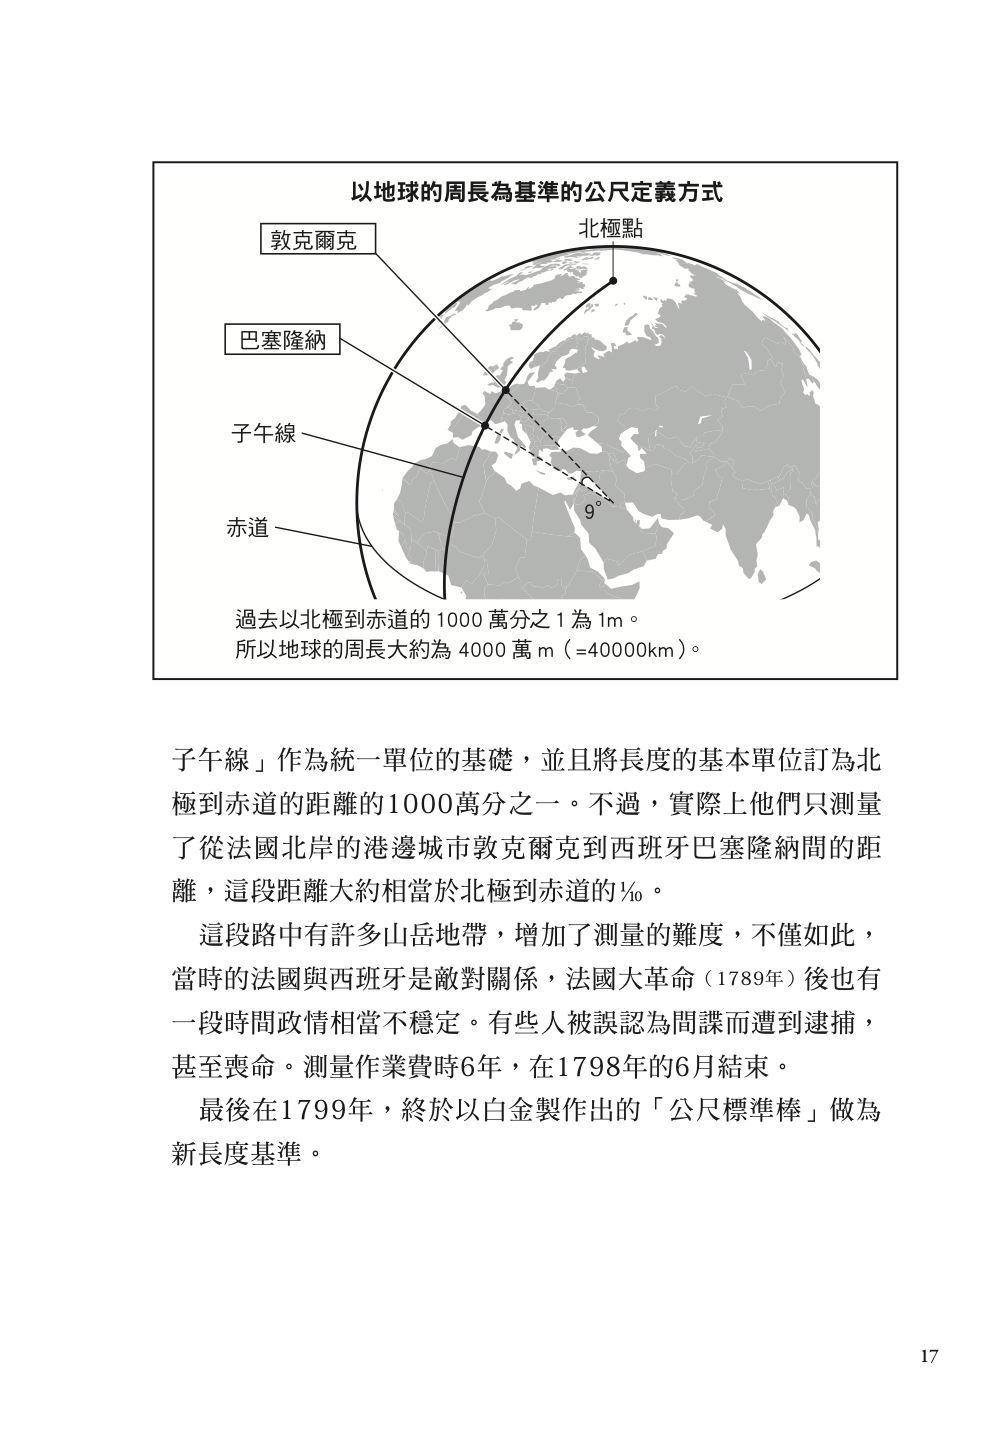 http://im1.book.com.tw/image/getImage?i=http://www.books.com.tw/img/001/072/00/0010720054_b_02.jpg&v=576933a4&w=655&h=609